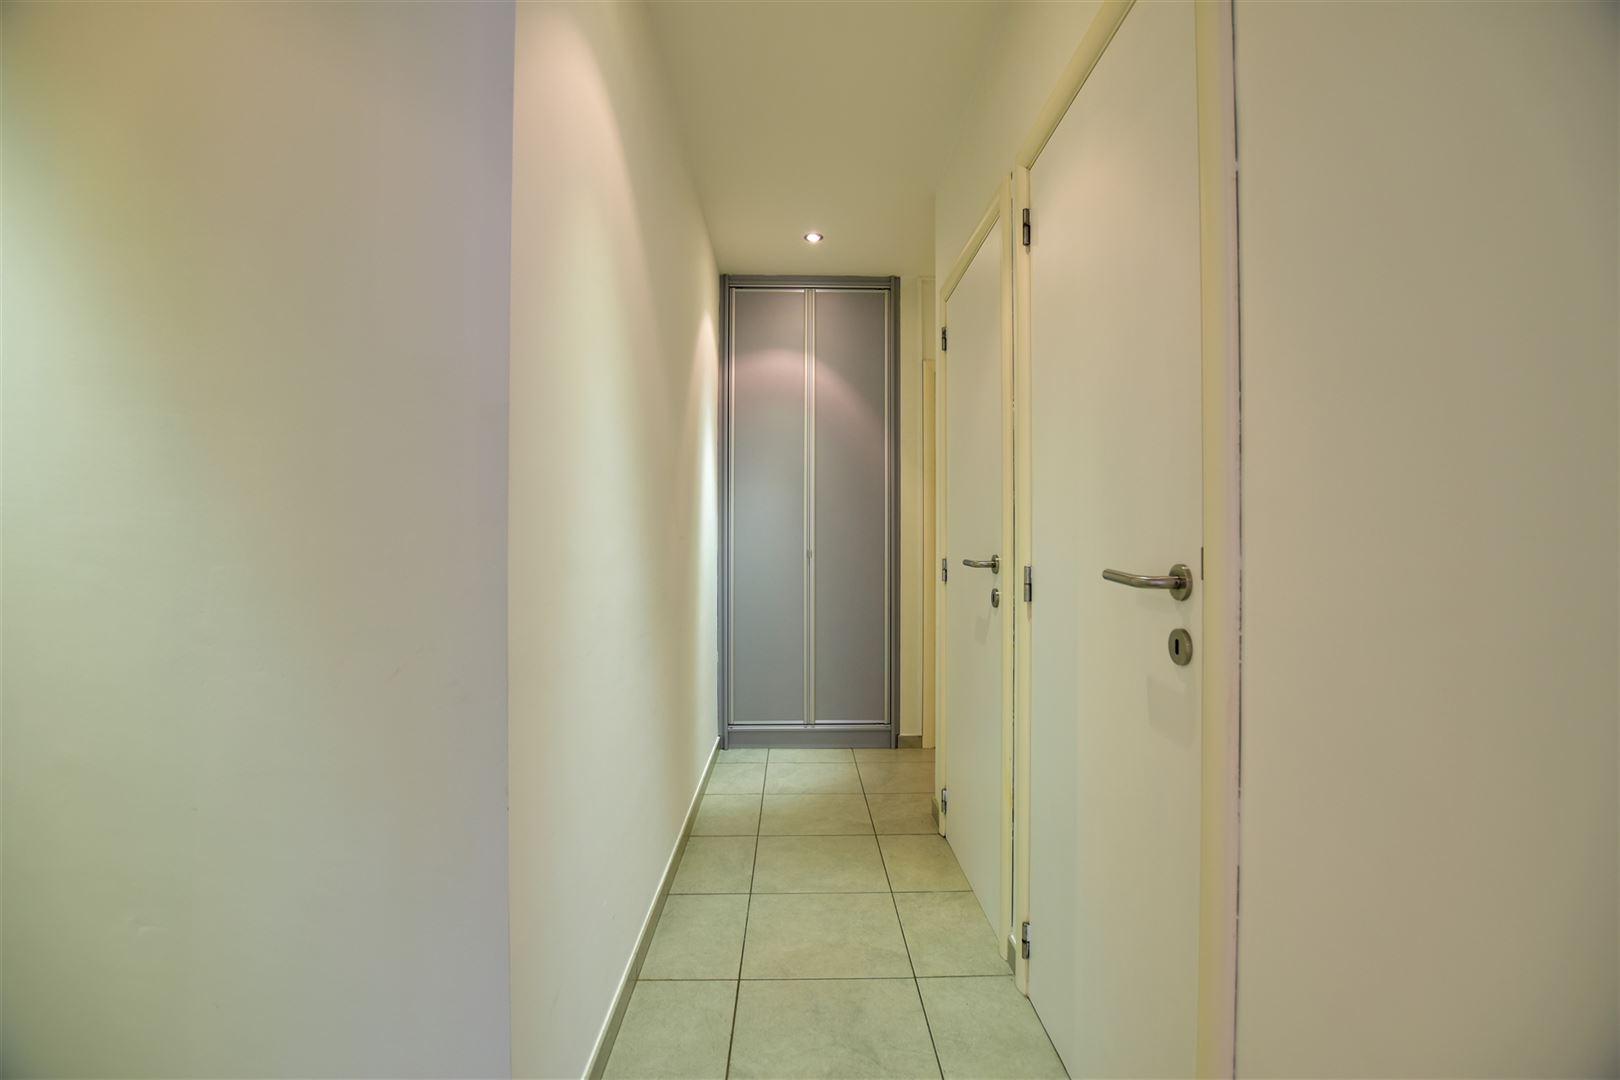 Foto 19 : Appartement te 8400 OOSTENDE (België) - Prijs € 299.000